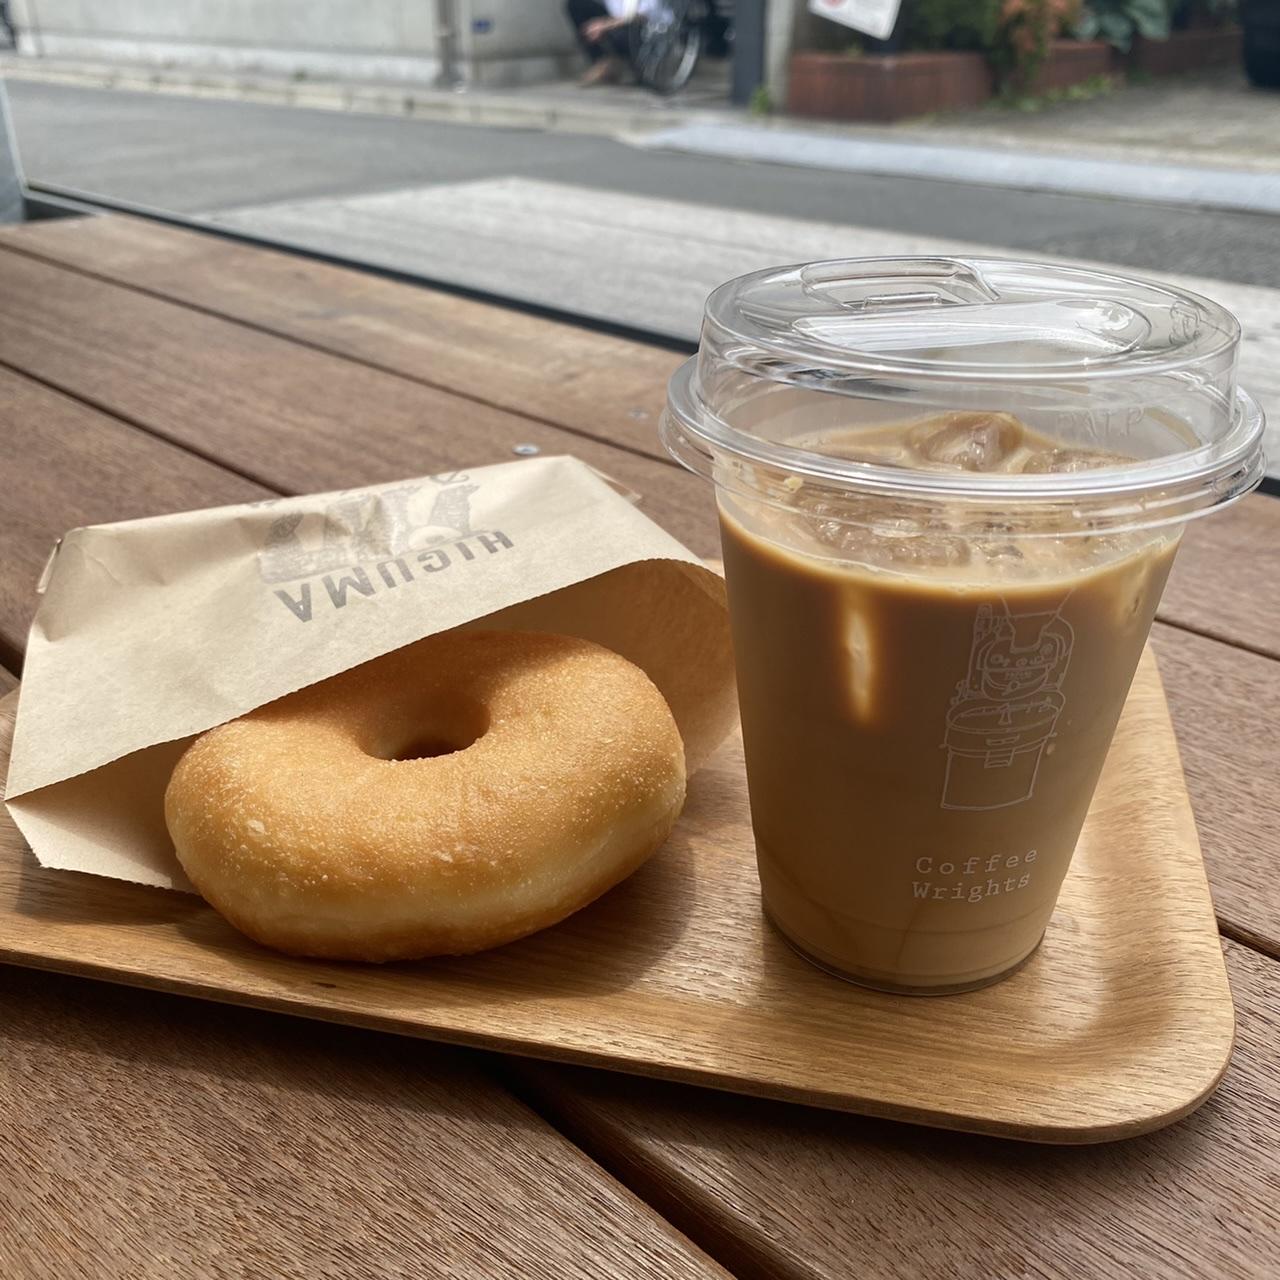 【表参道カフェ】ドーナツのふわふわ感がすごい!木の空間がお洒落《ヒグマドーナツ》へ♡_6